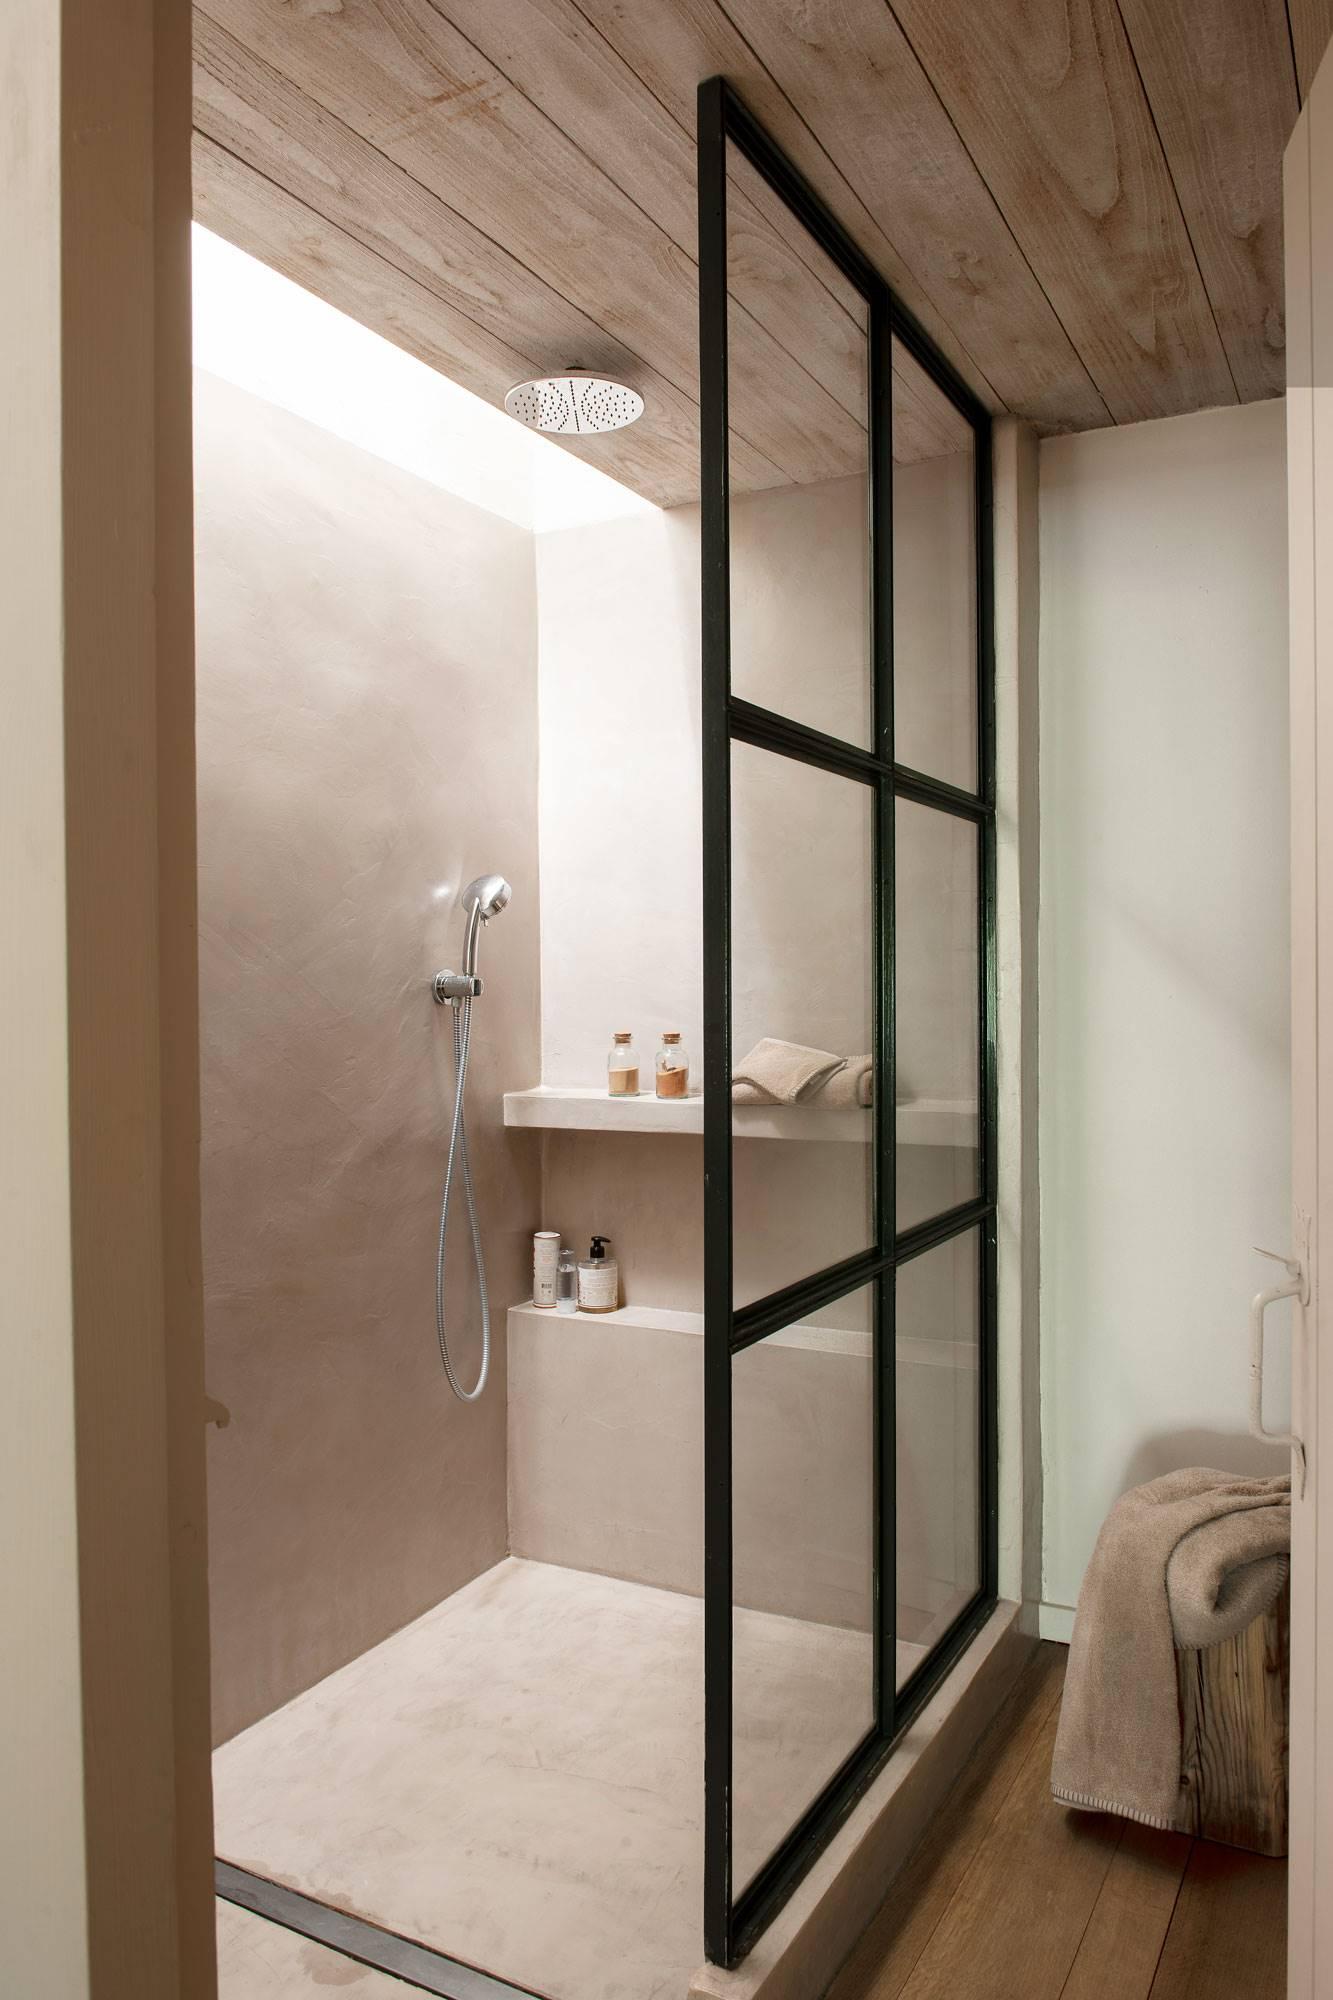 155 fotos de mamparas - Mamparas para duchas fotos ...